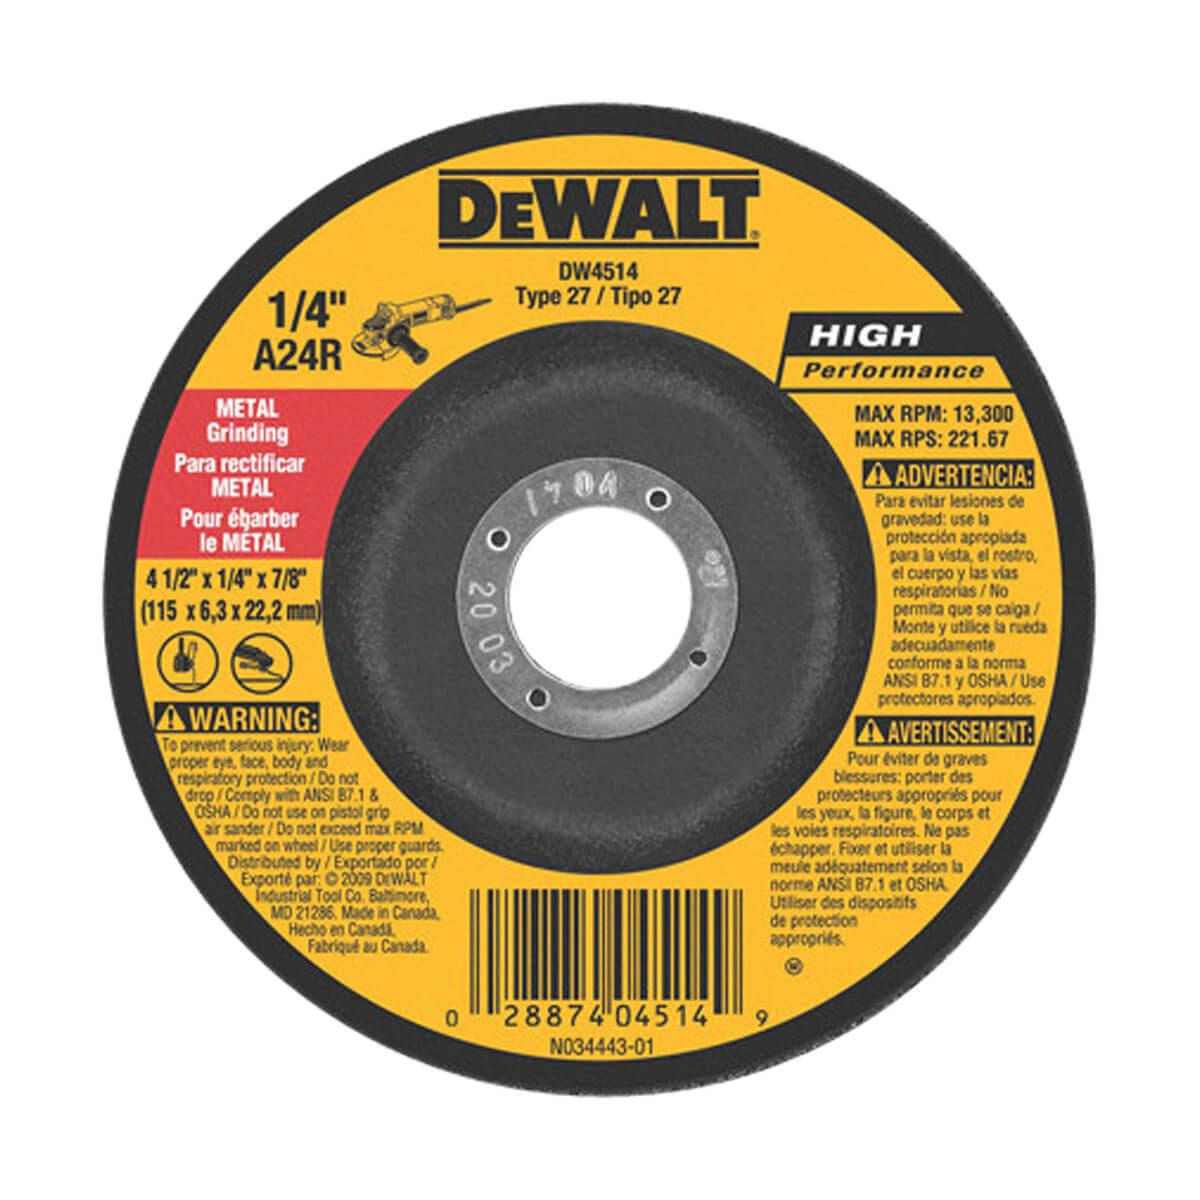 """DEWALT General Purpose Metal Grinding Wheel - 5"""" x 1/4"""" x 7/8"""""""